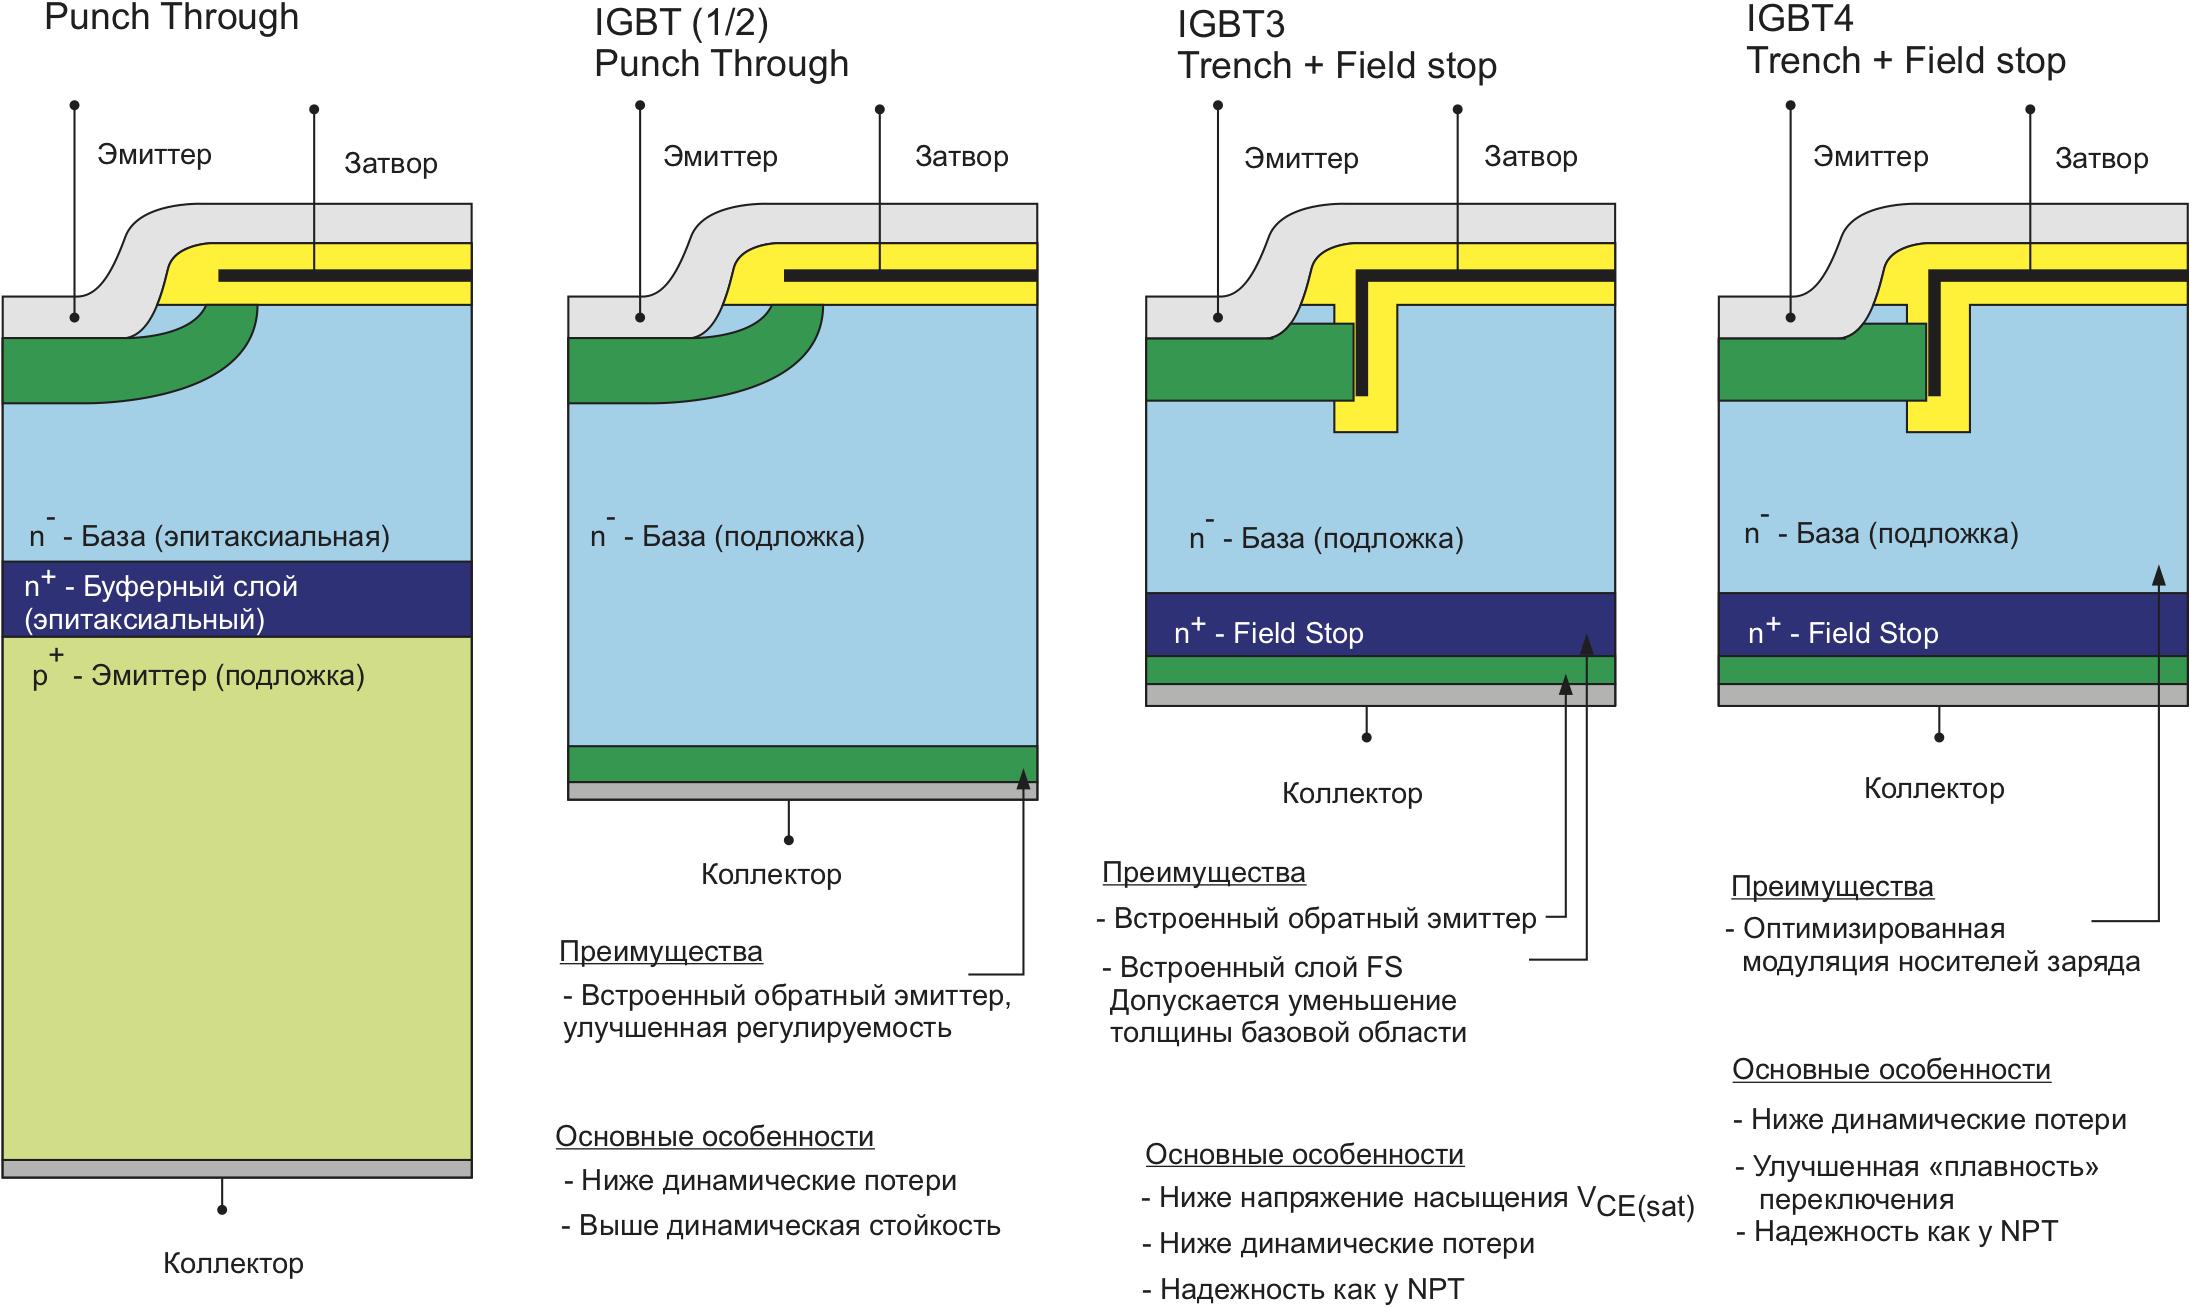 Основные концепции IGBT: структура, базовые свойства, характеристики напряженности поля в заблокированном состоянии